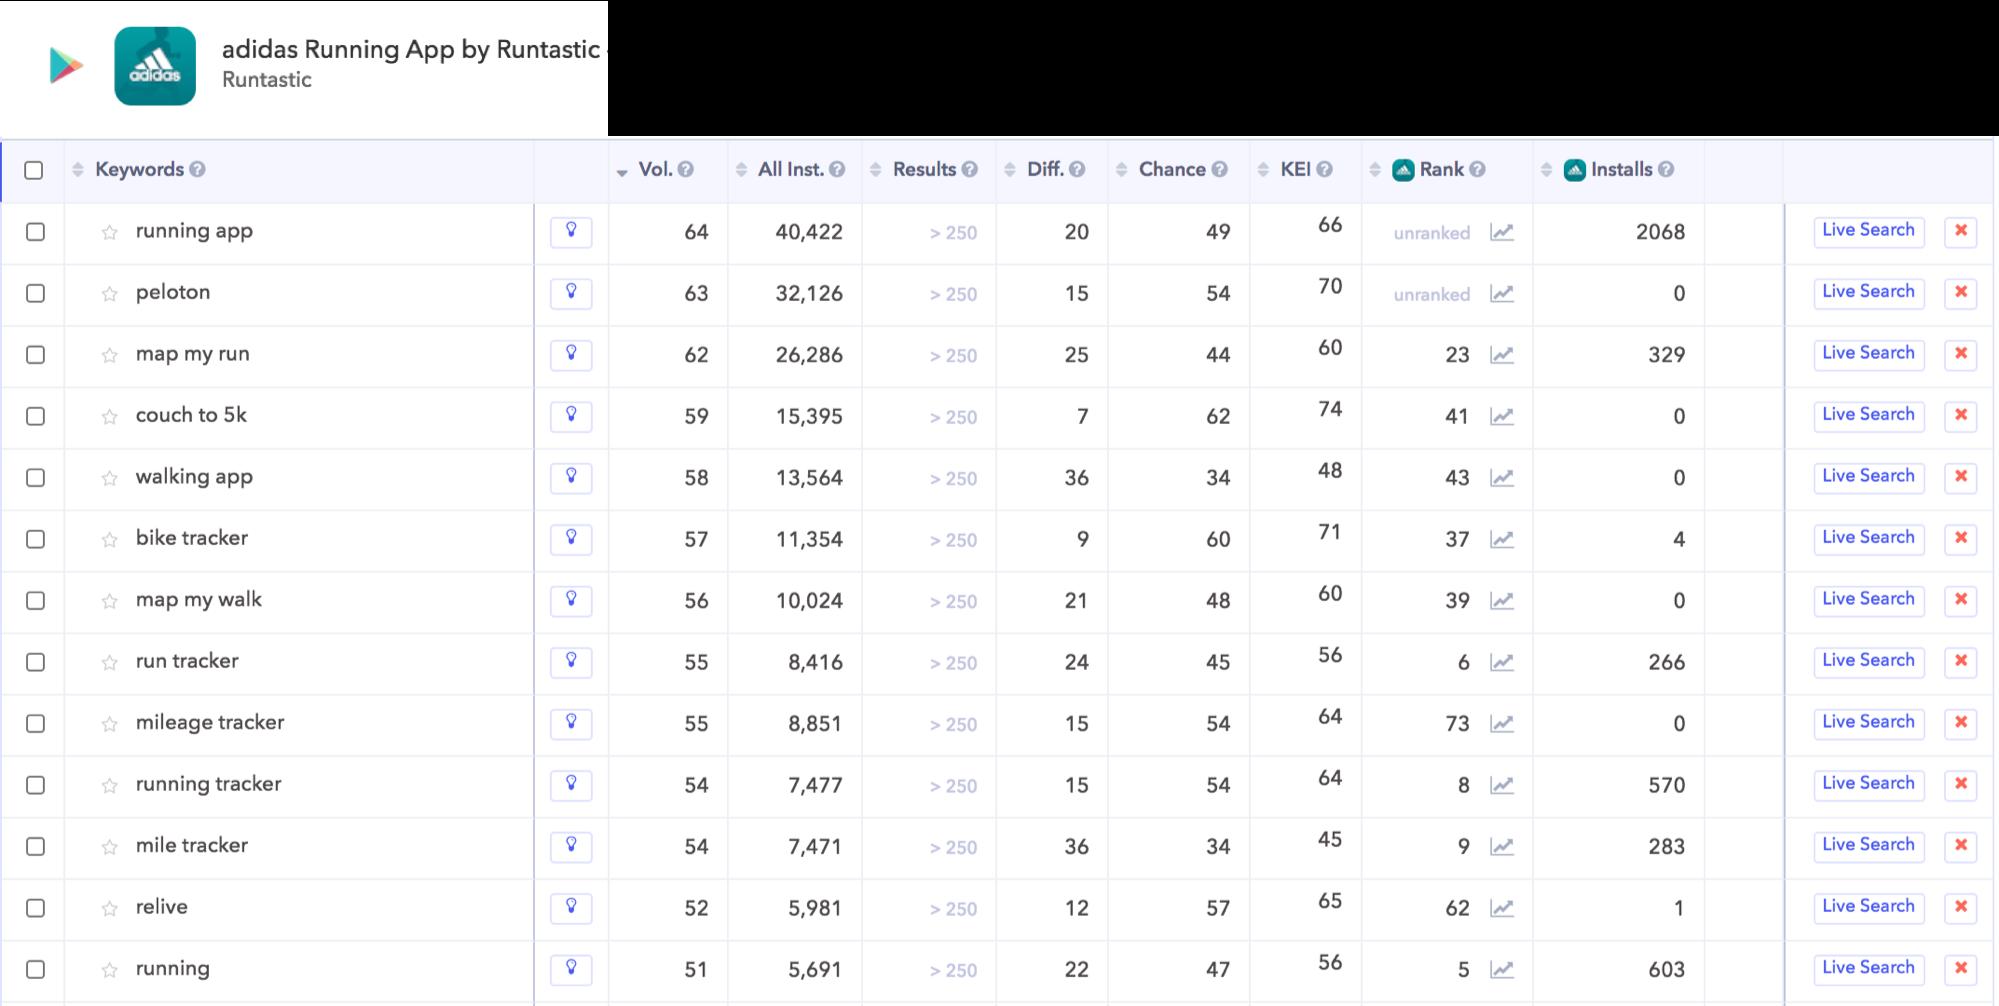 AppTweak ASO Tool: Brainstorm list for Runtastic